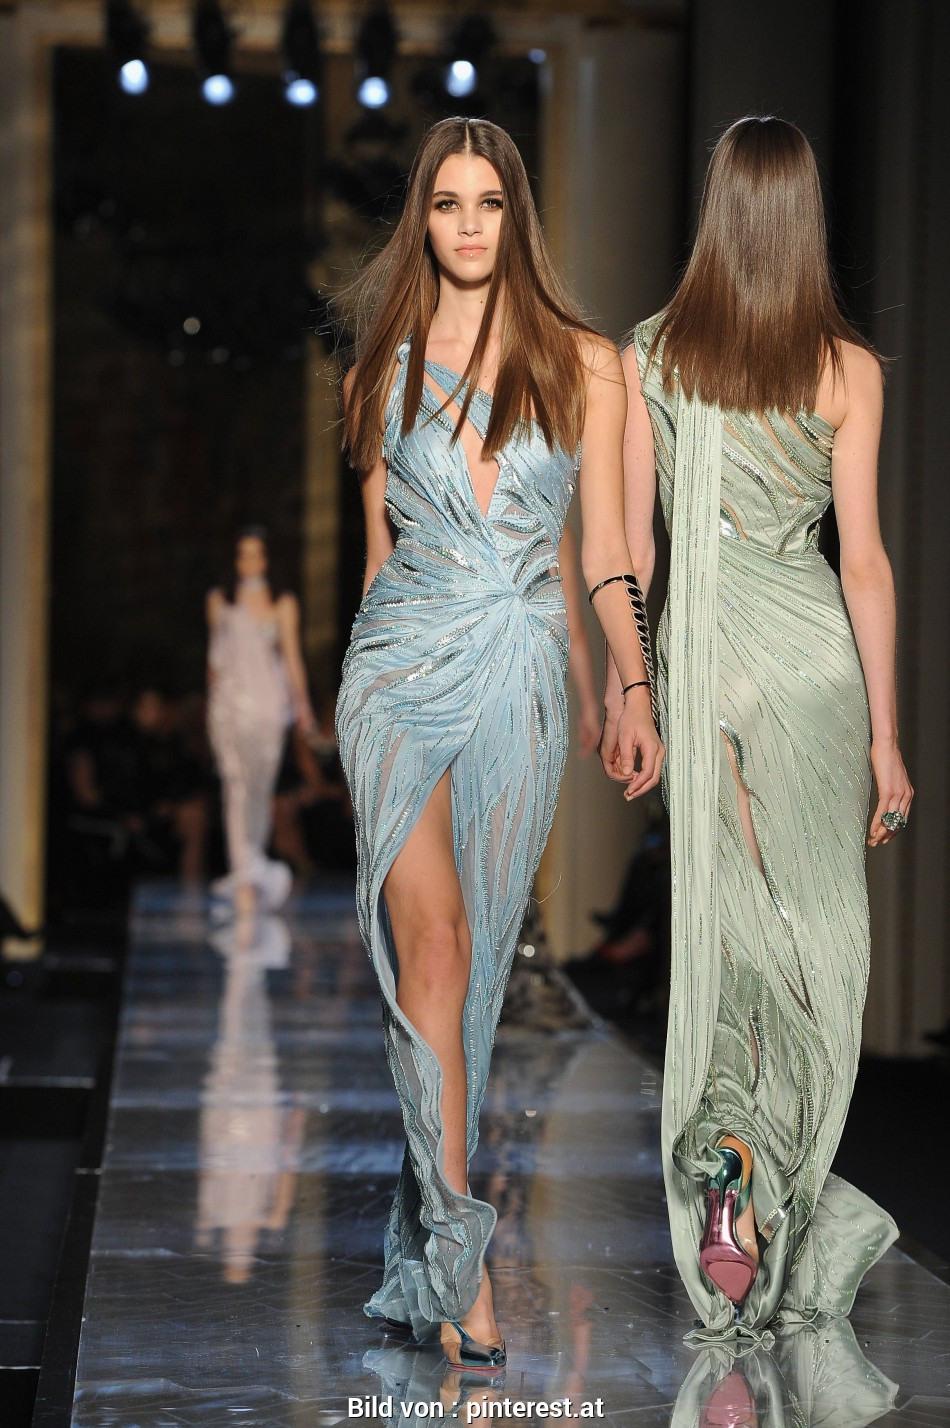 Formal Schön Versace Abendkleider SpezialgebietDesigner Genial Versace Abendkleider Ärmel